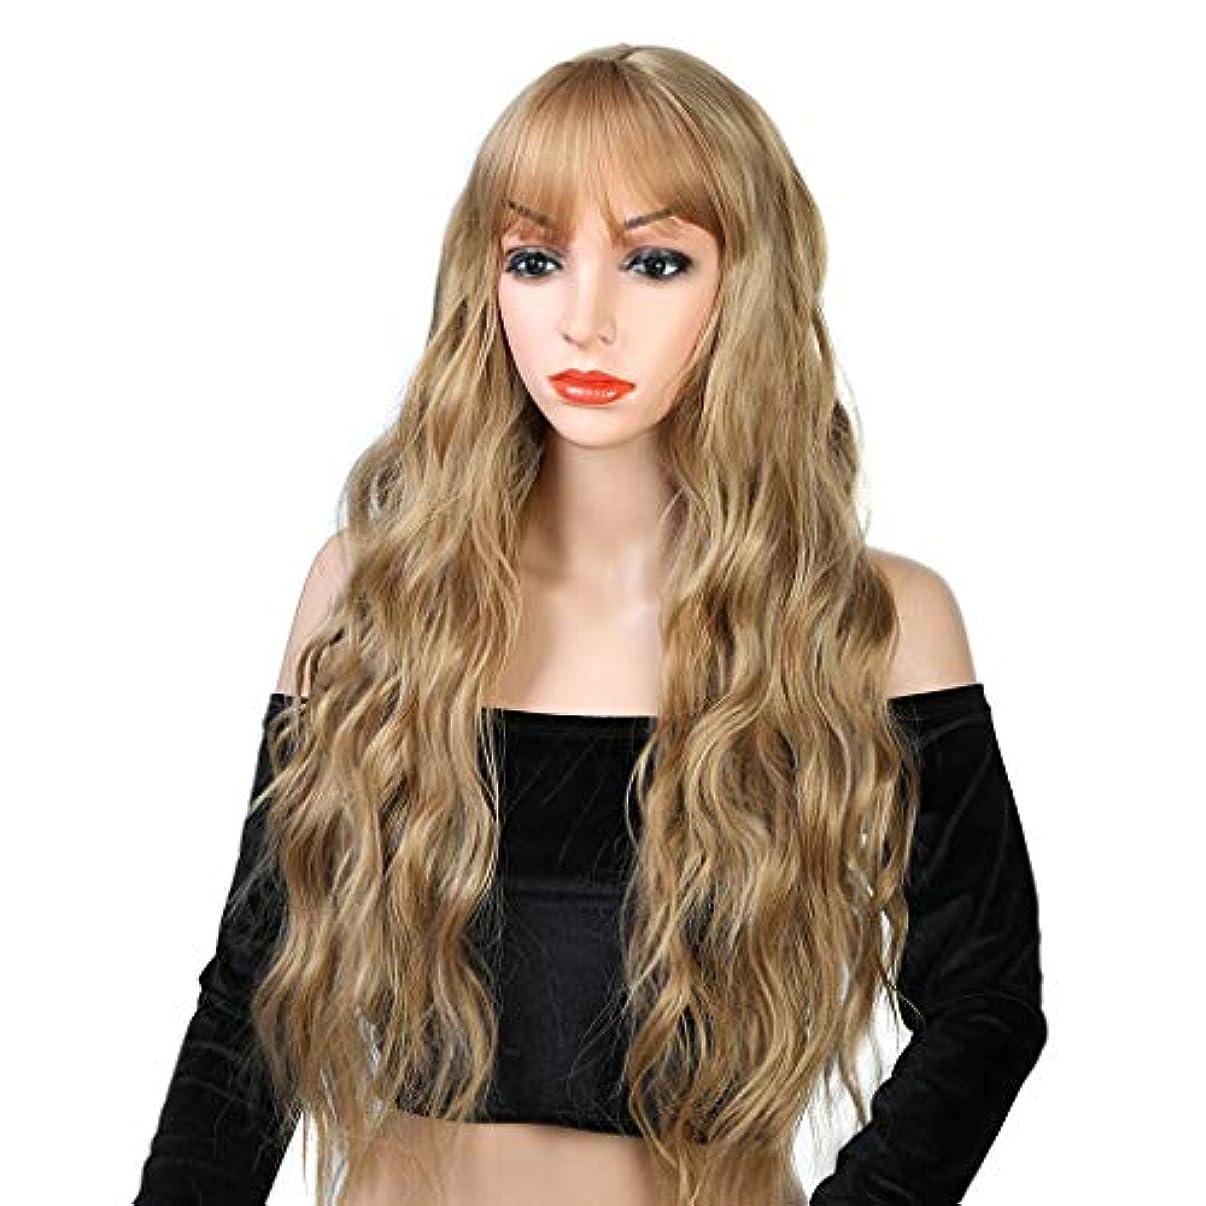 マーチャンダイジング死の顎類似性リザイ ファッションレースかつら、前髪自然波ロングカーリー耐熱合成かつらで女性ストロベリーブロンドオンブルライトブロンドのかつら26インチ